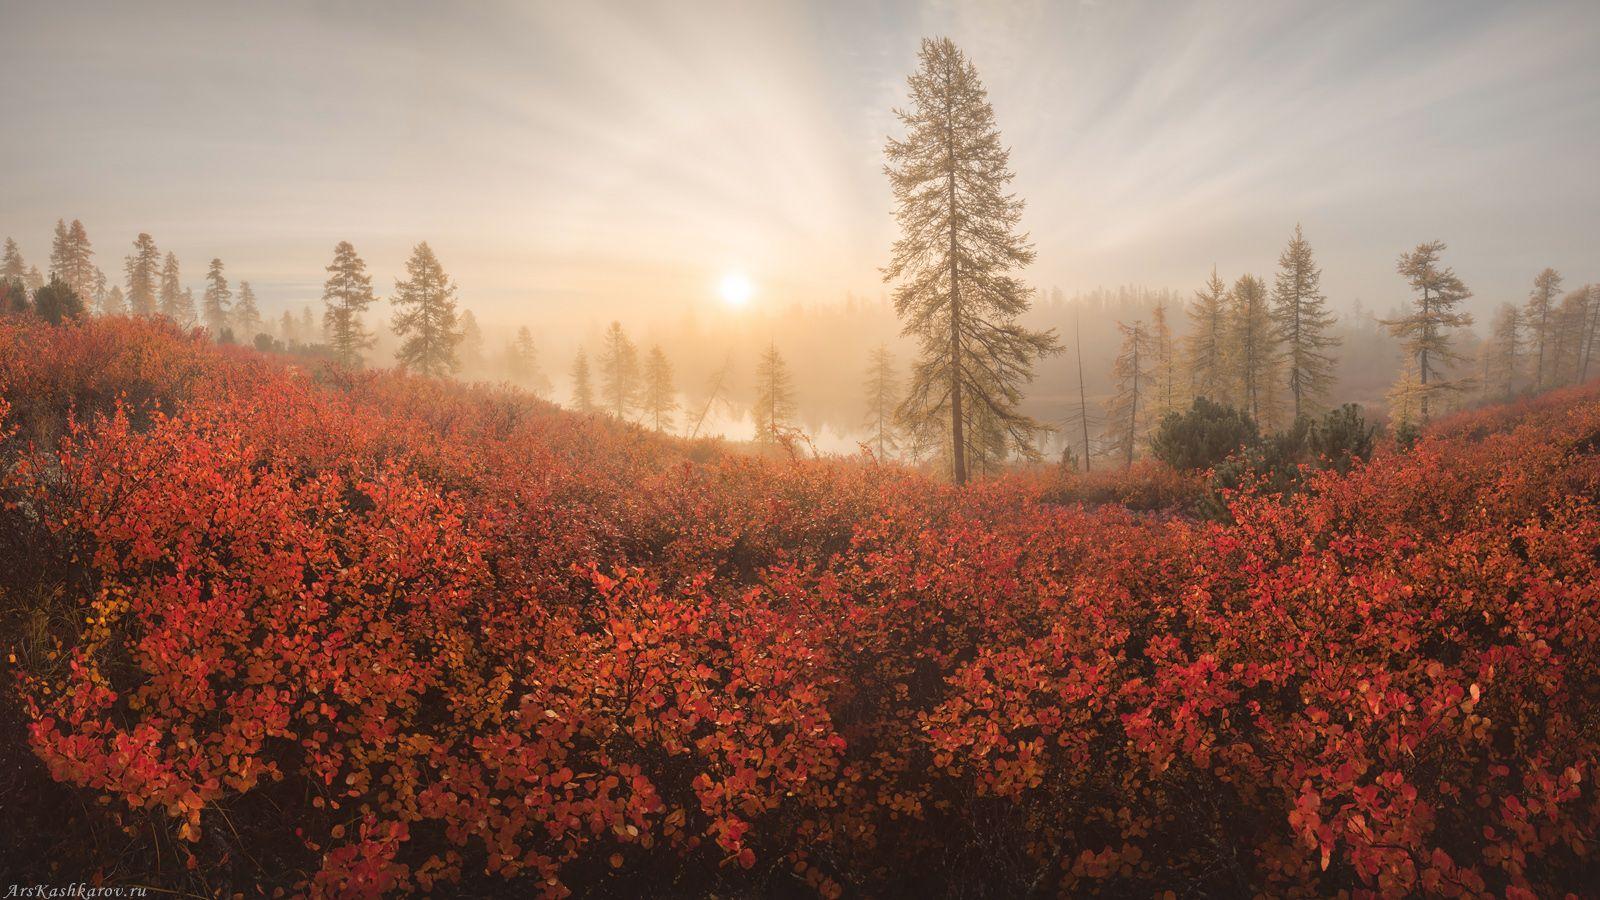 """""""Чудеса осенней Колымы"""" Колыма озеро Джека Лондона Магаданская область Дальний Восток Стоозерка осень краски осени туман"""